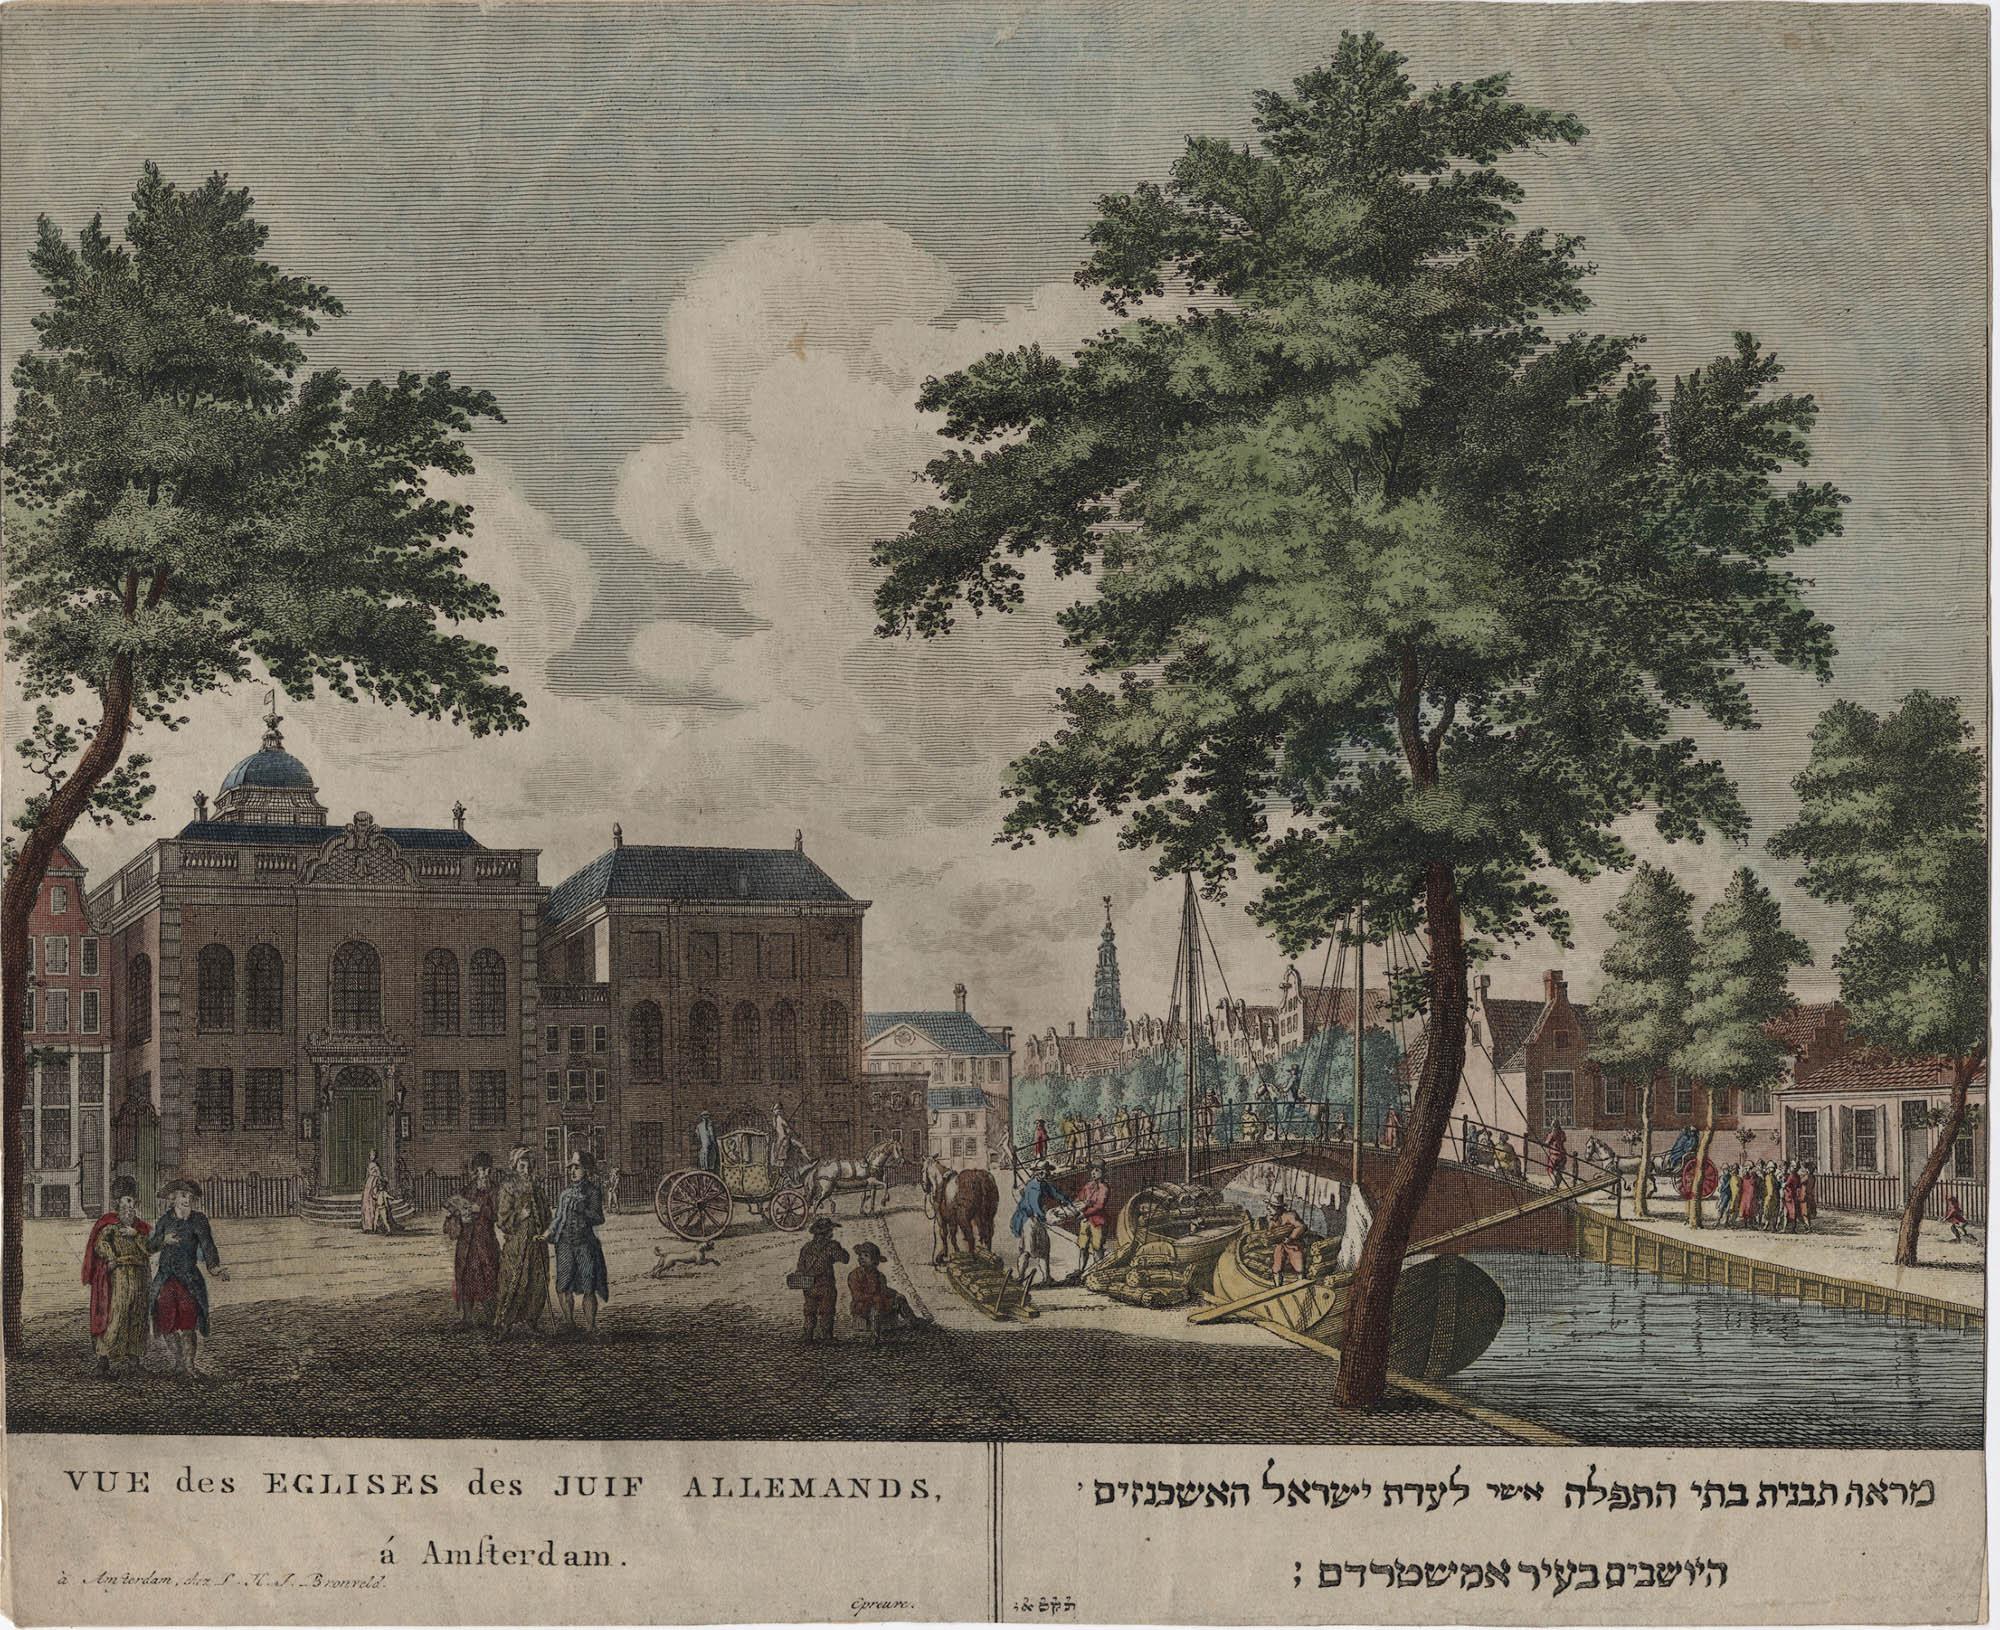 Vue des Églises des Juif Allemands, á Amsterdam / מראה תבנית בתי התפלה אשר לעדת ישראל האשכנזים היושבים בעיר אמשטרדם